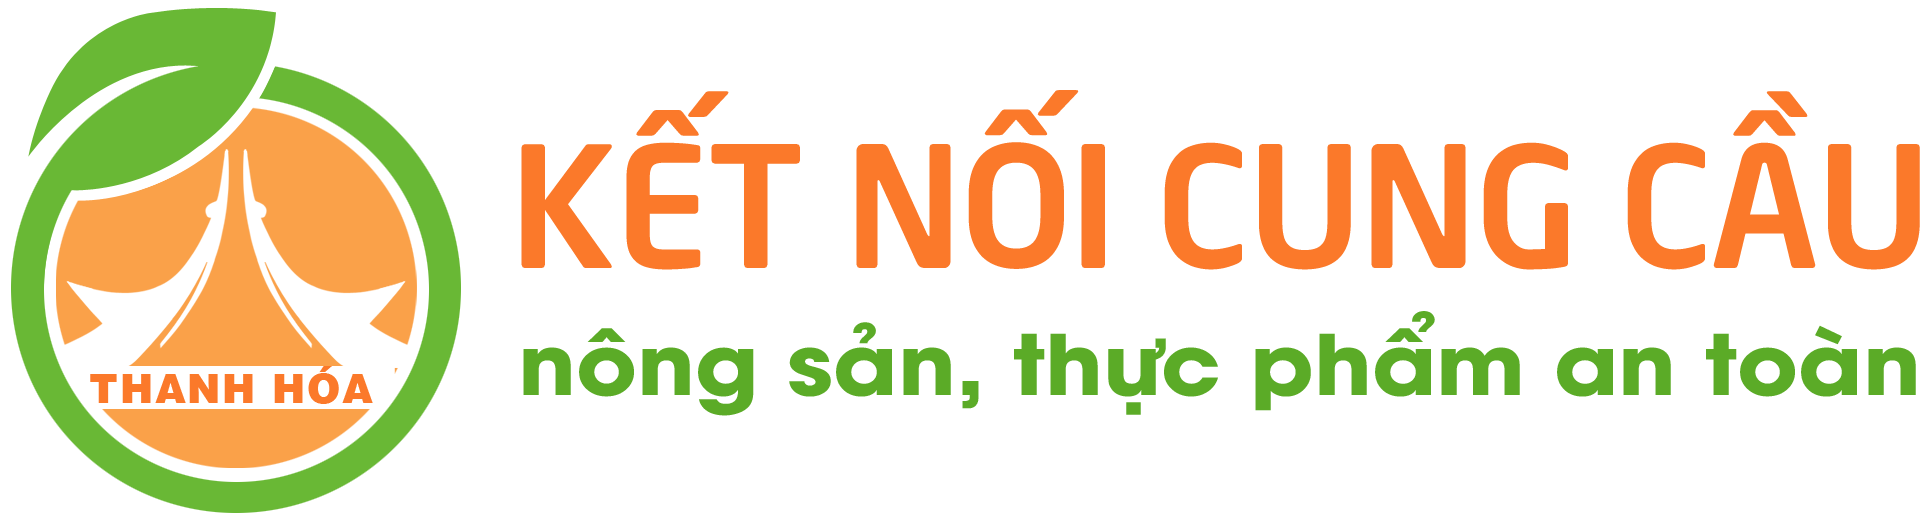 Kết nối cung cầu nông sản, thực phẩm an toàn trên địa bàn tỉnh Thanh Hóa